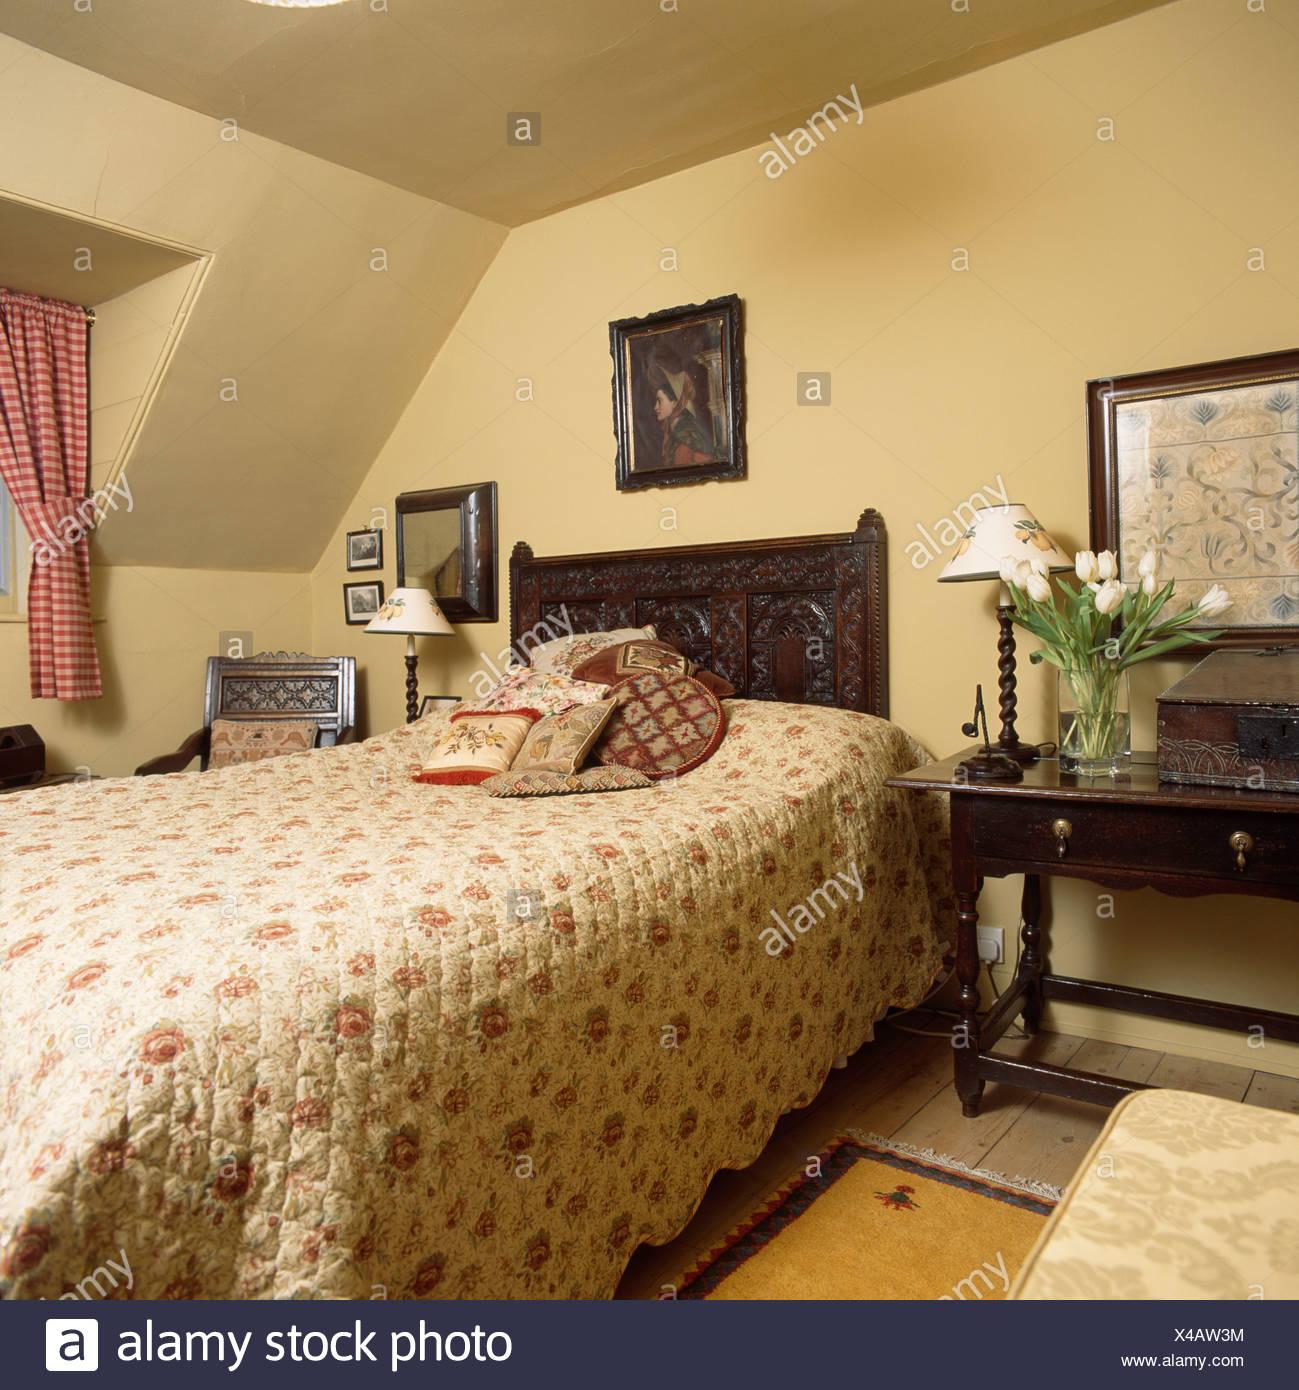 Rose telas colcha en la cama con cabecera de madera tallada en el ...